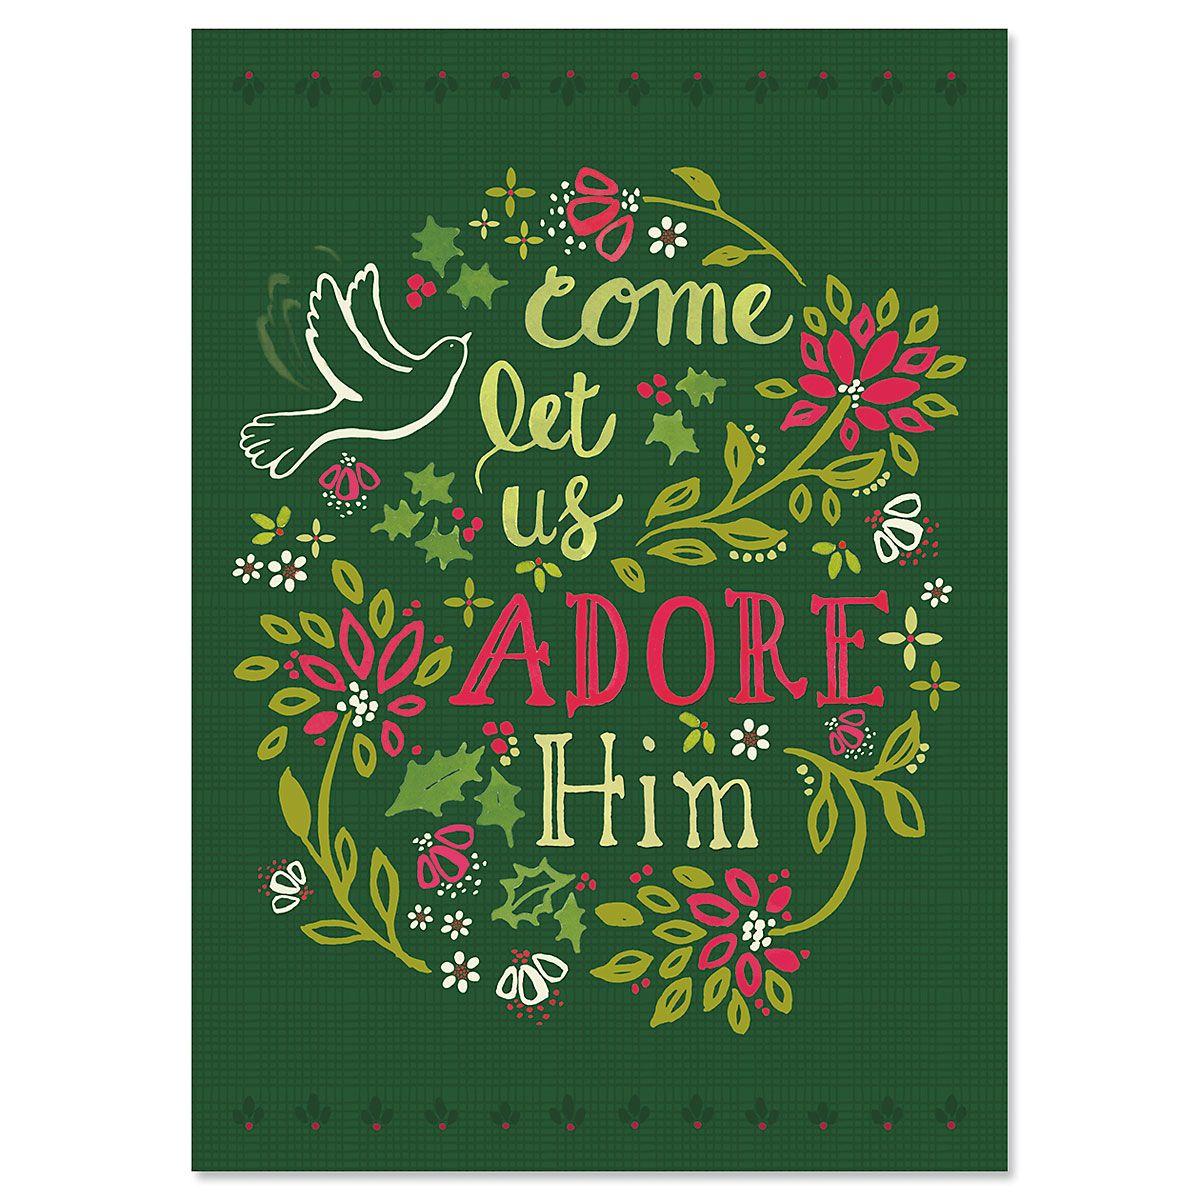 Adore Him Christmas Cards